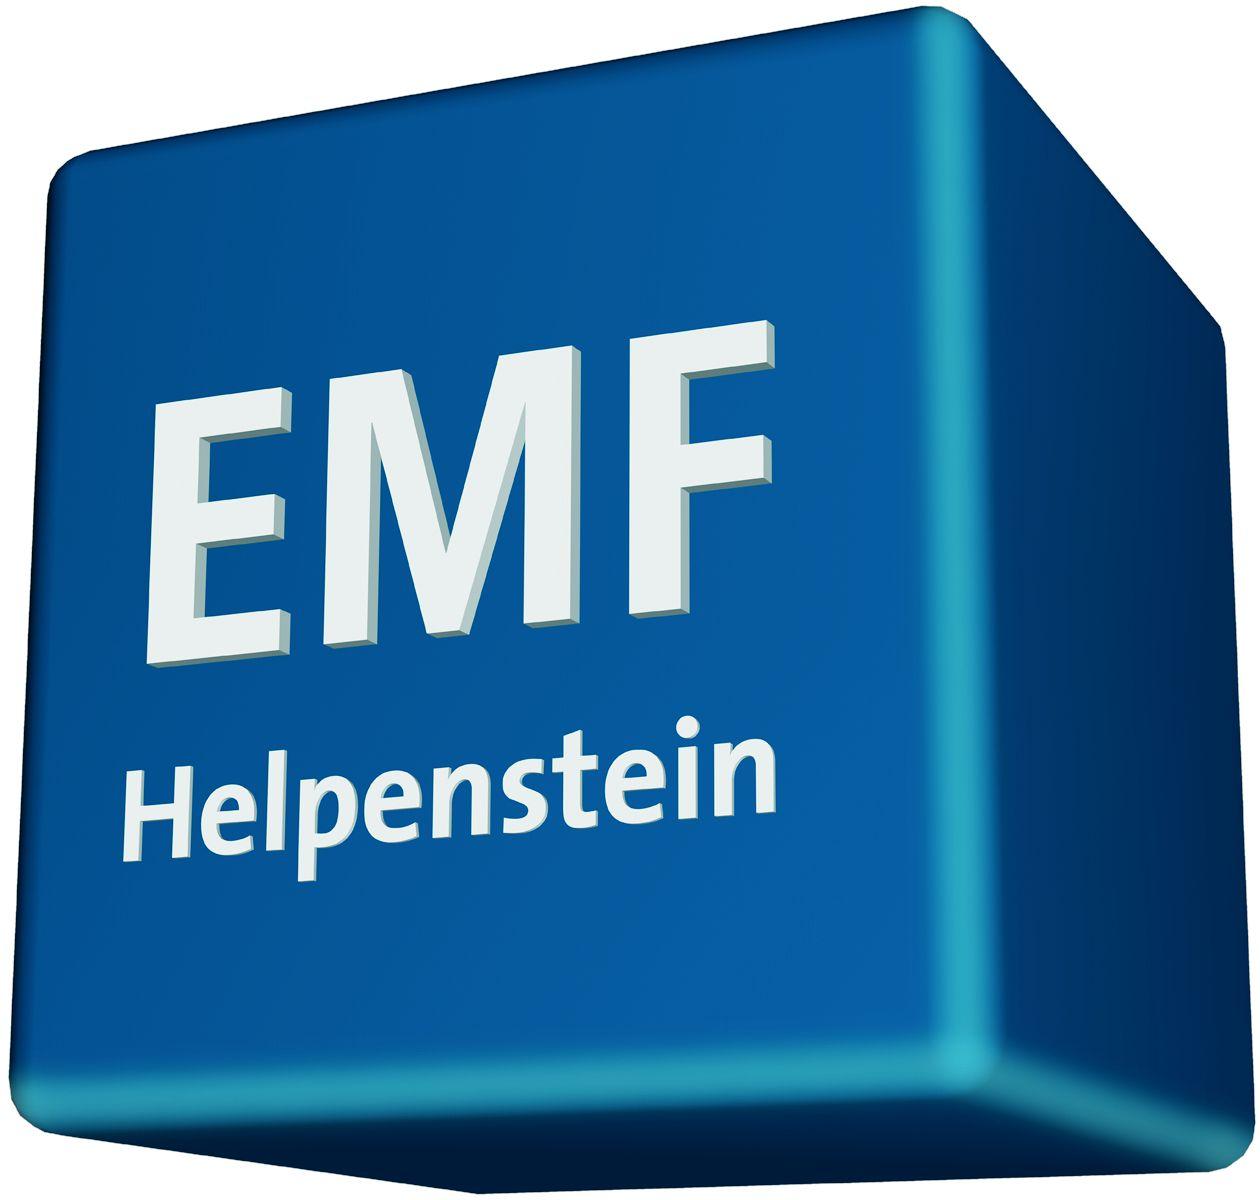 Helpenstein